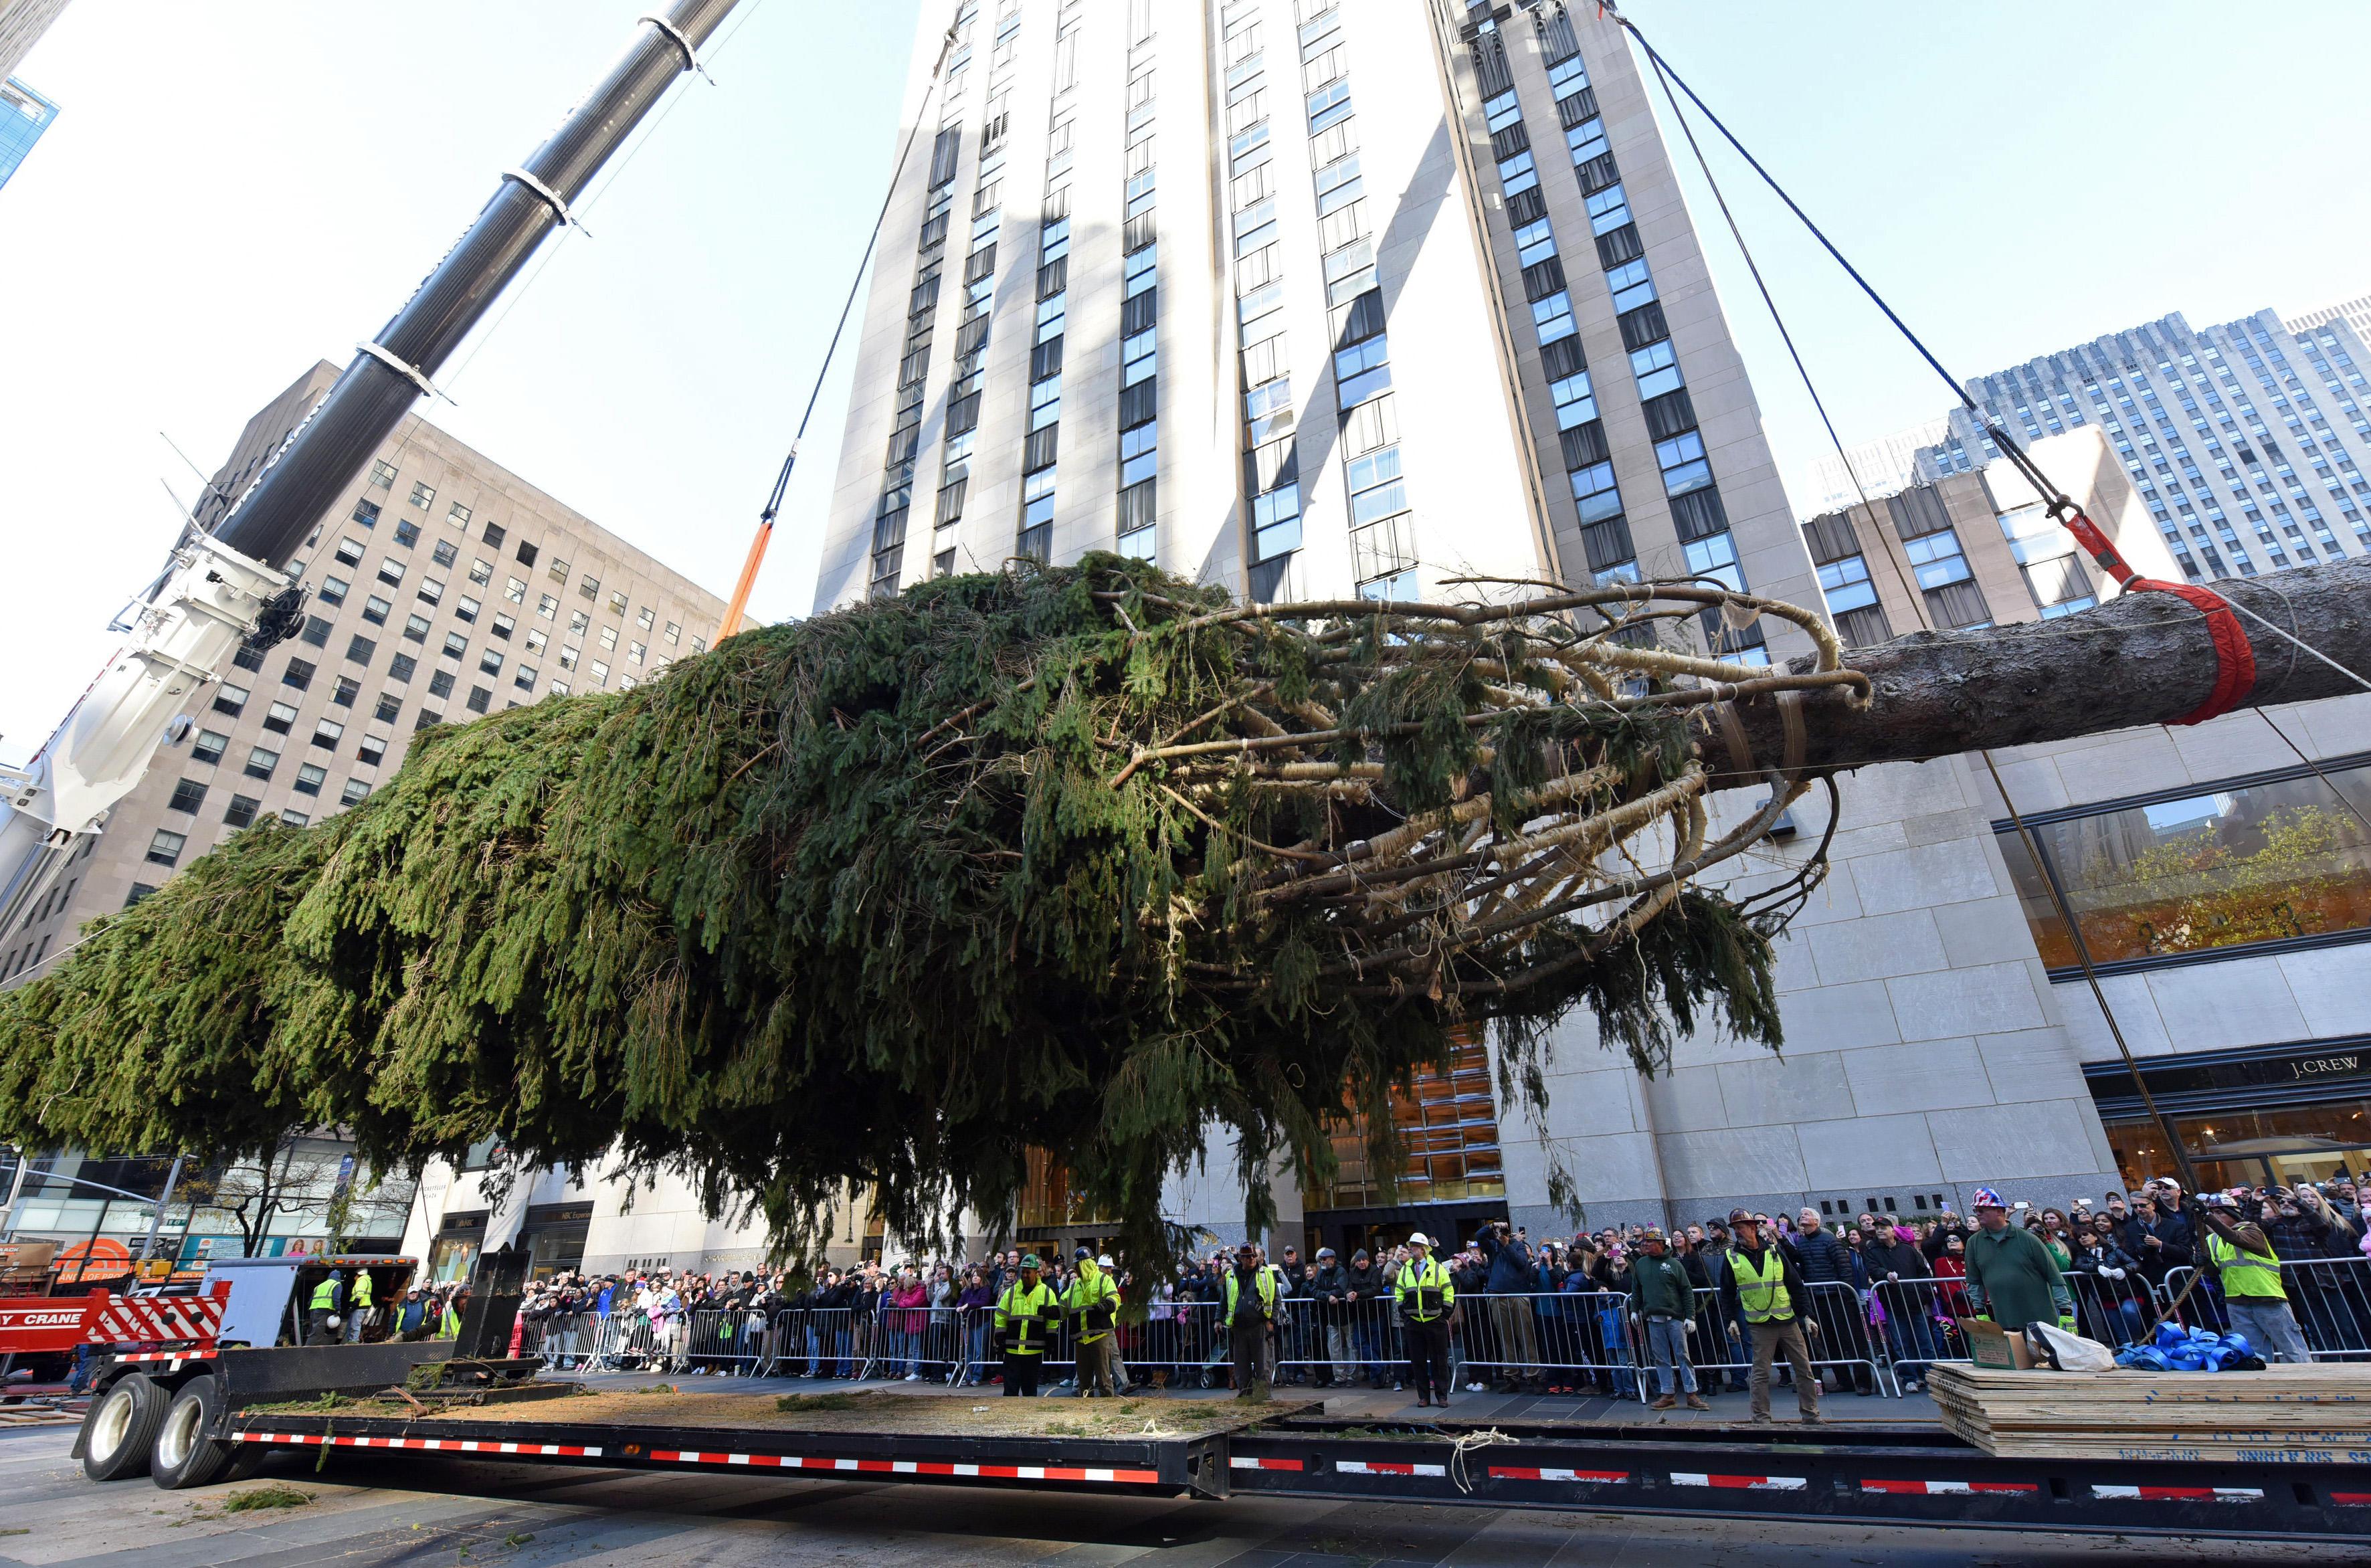 rockefeller center christmas tree arrives in nyc cbs news rockefeller center christmas tree arrives in nyc cbs news